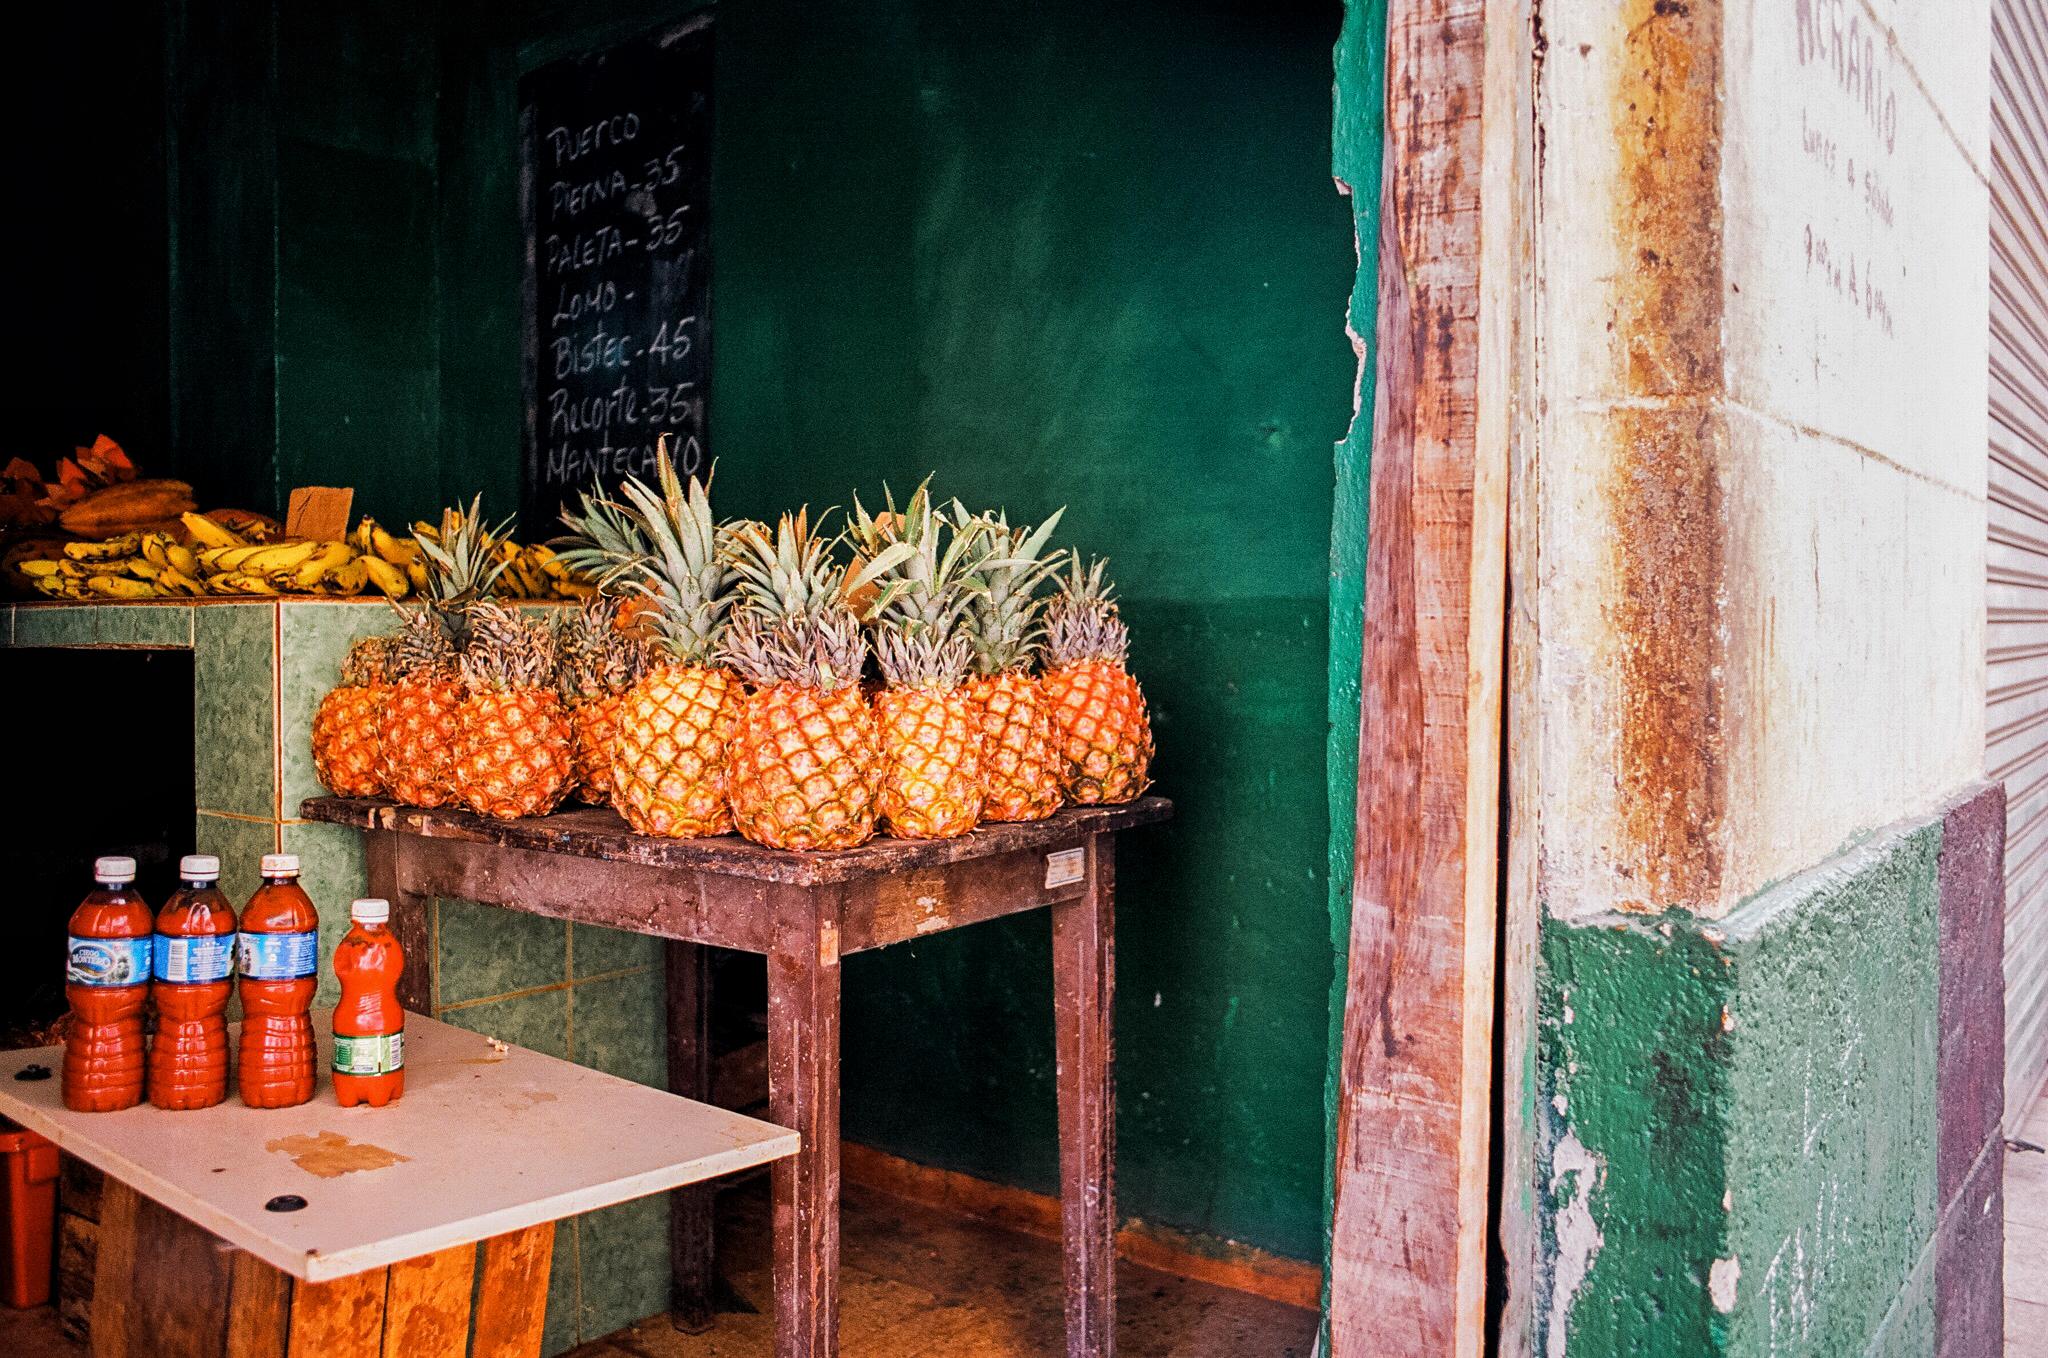 market in cuba